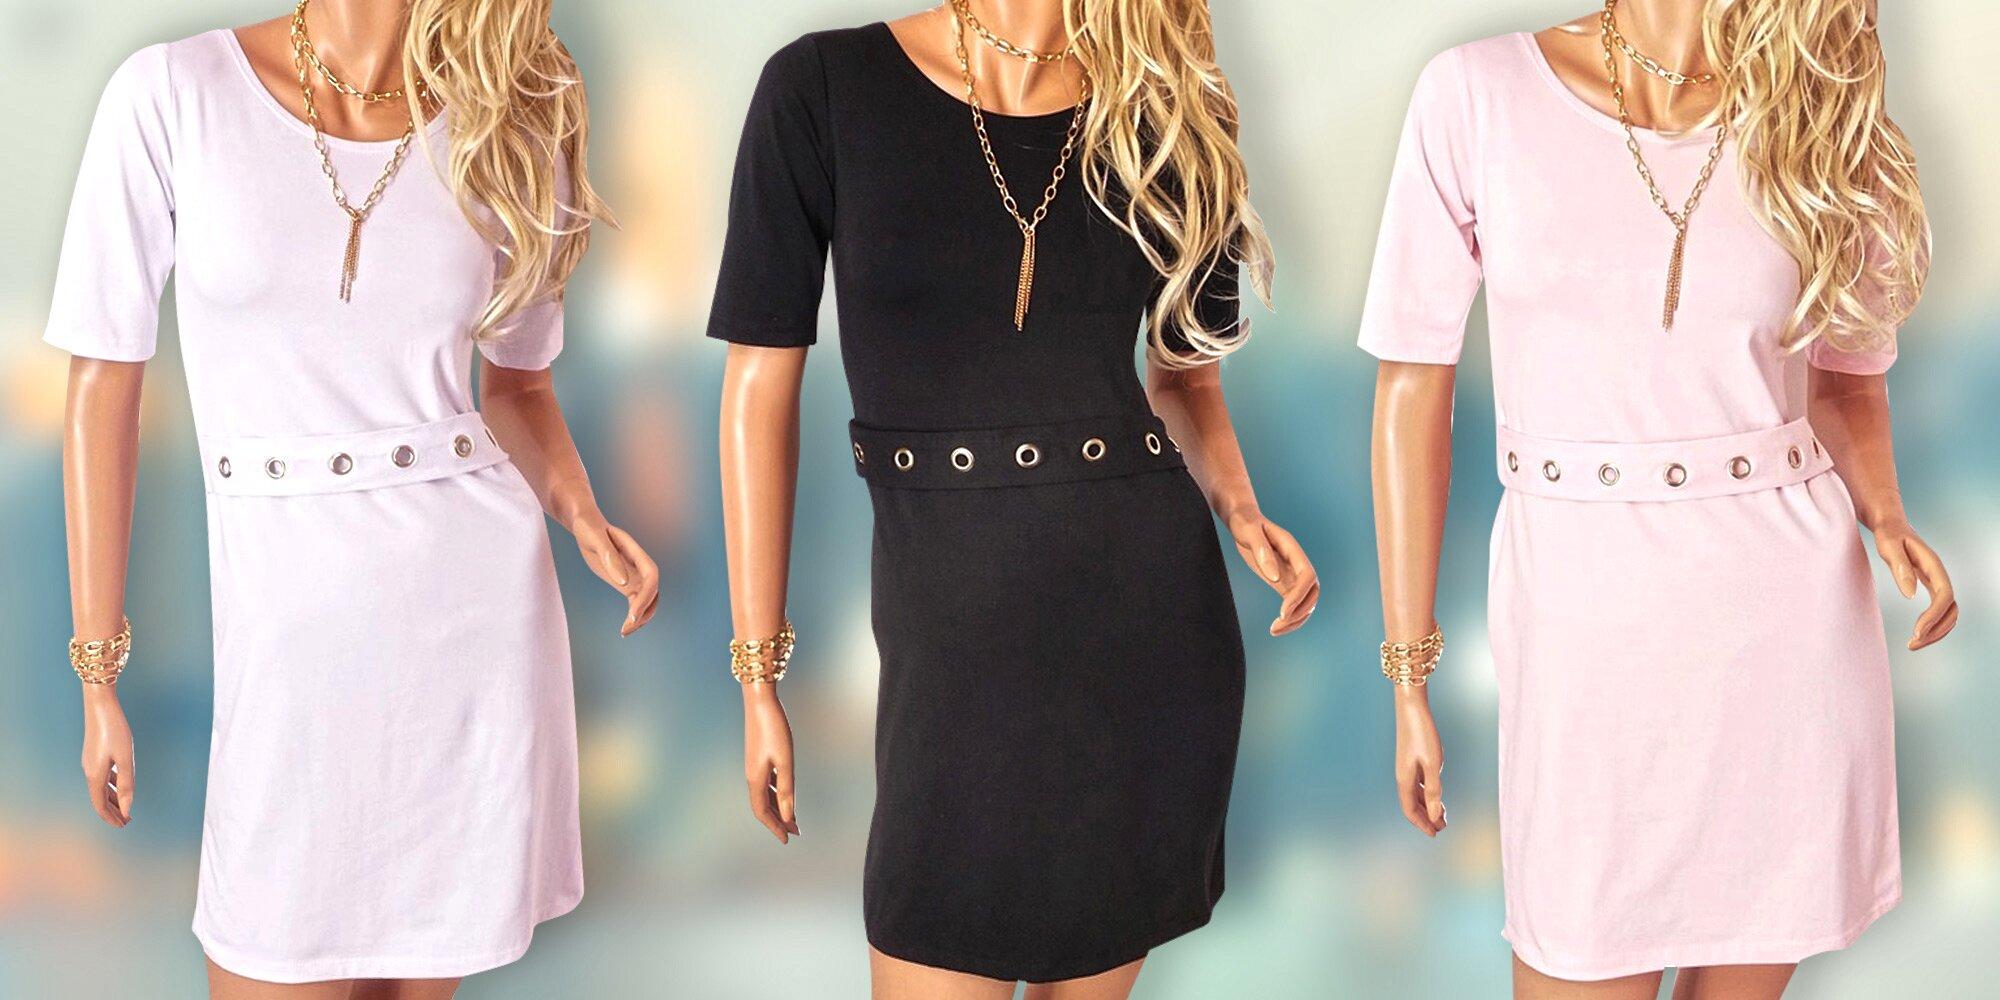 c15b865ab38 Elegantní dámské šaty s páskem